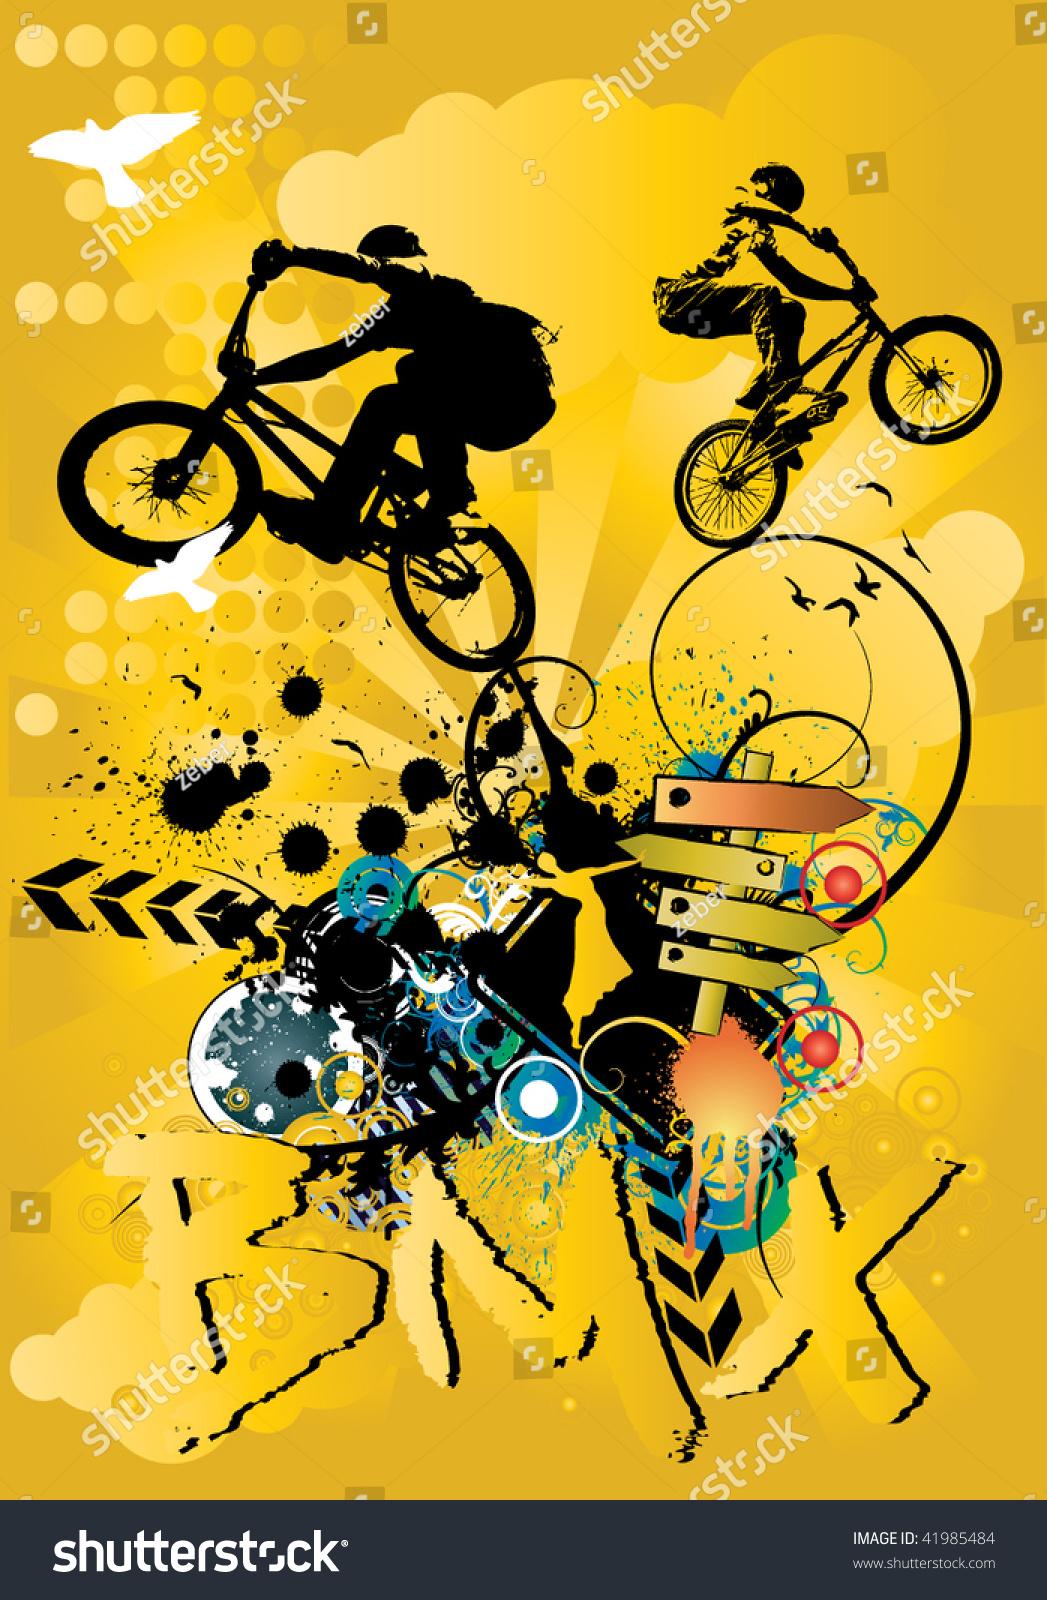 向量的bmx自行车-背景/素材,插图/剪贴图-海洛创意()